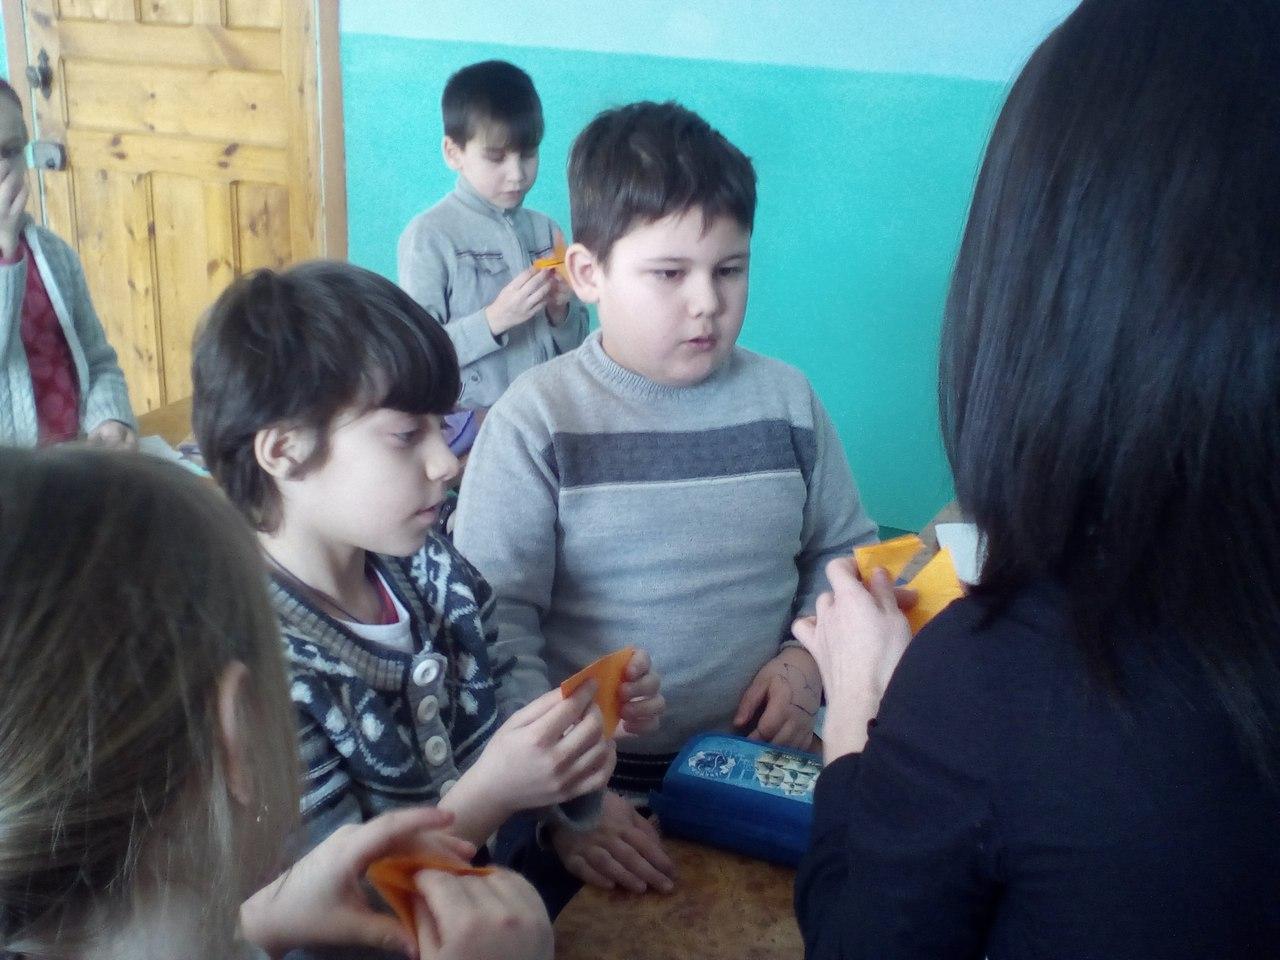 донецкая республиканская библиотека для детей, сектор организации досуга детей, занятия с детьми, оригами, пропаганда чтения